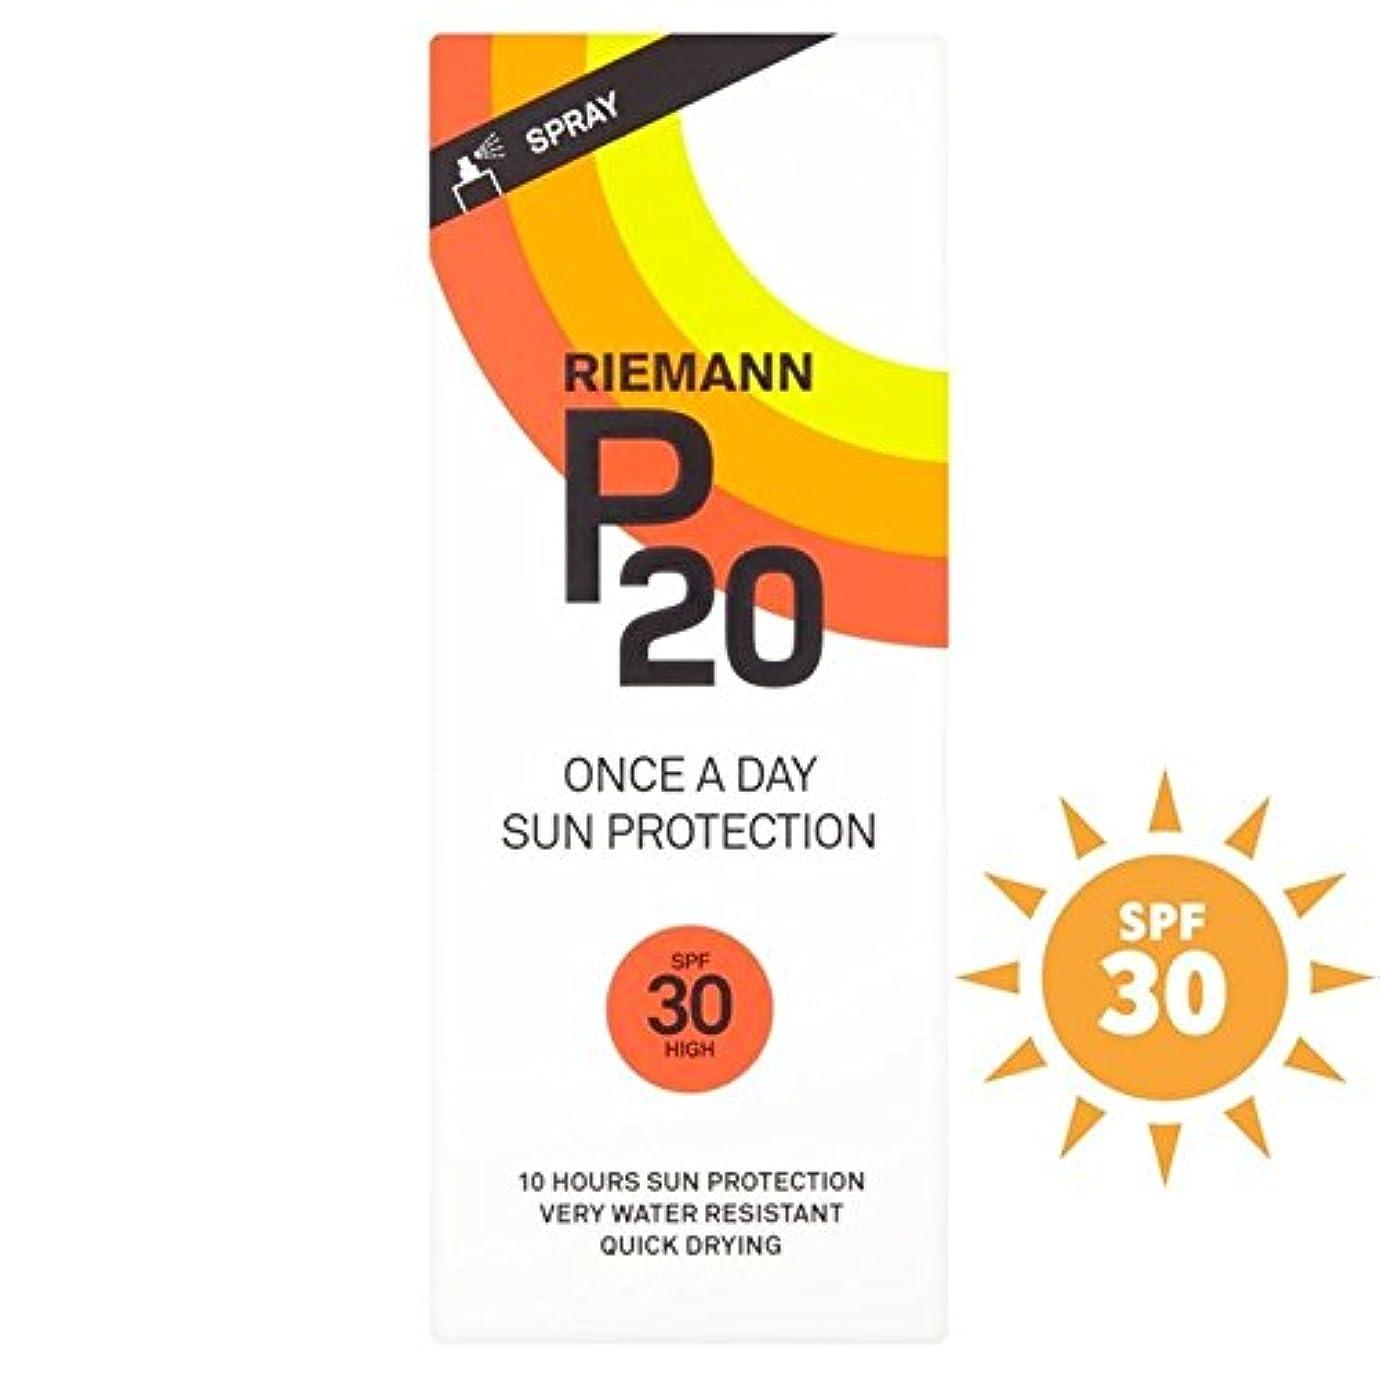 ギャラントリー南極関係するリーマン20 30 1日/ 10時間の保護200ミリリットル x2 - Riemann P20 SPF30 1 Day/10 Hour Protection 200ml (Pack of 2) [並行輸入品]